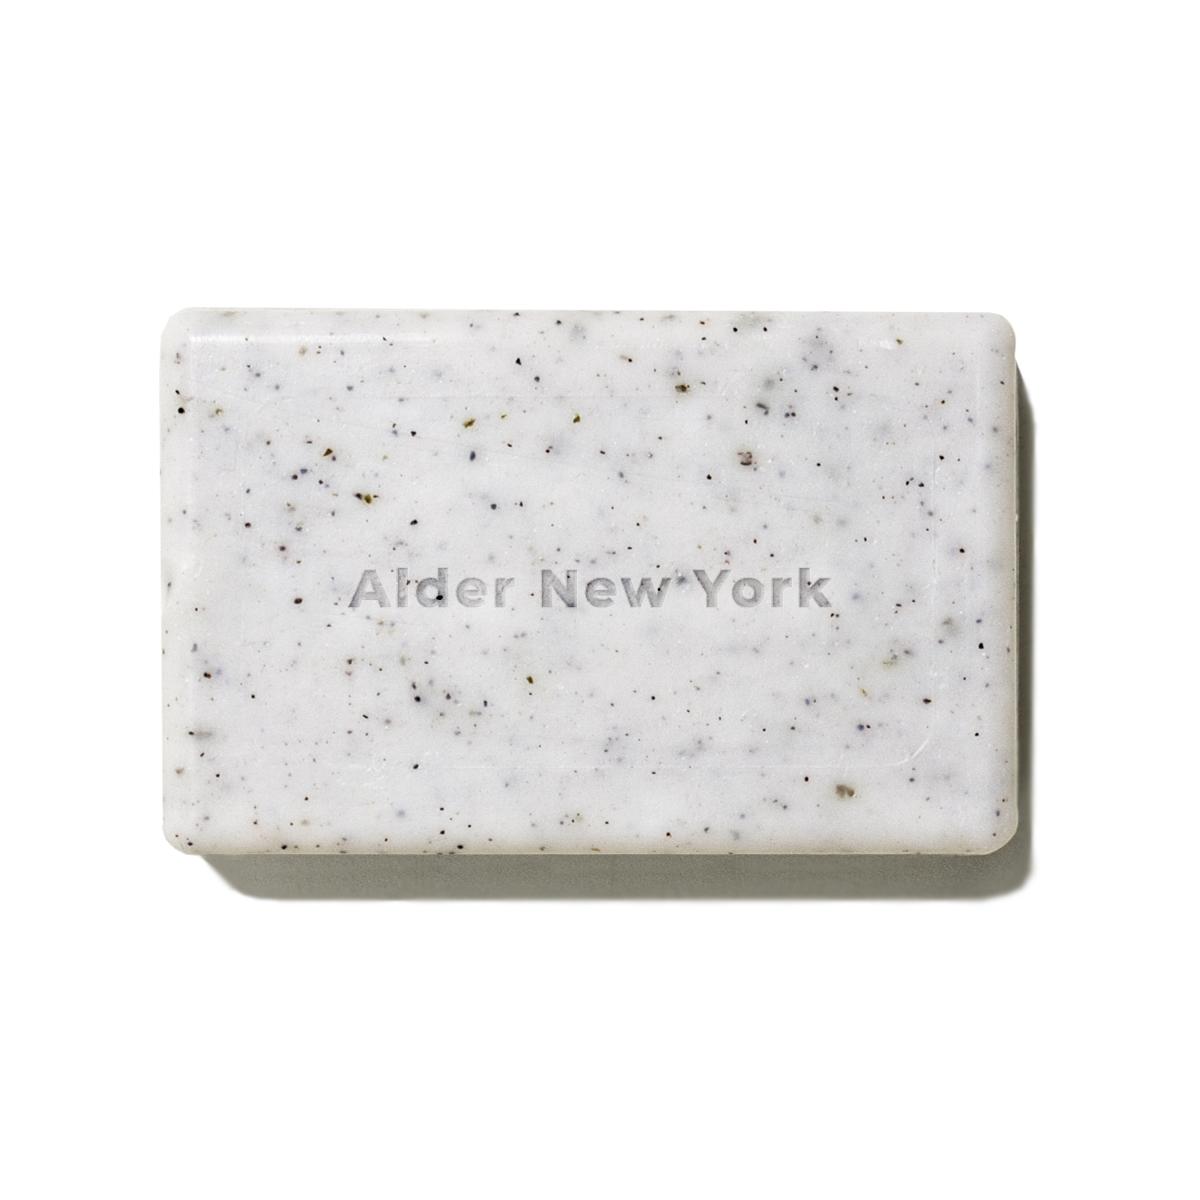 Nuevos productos de belleza 2021